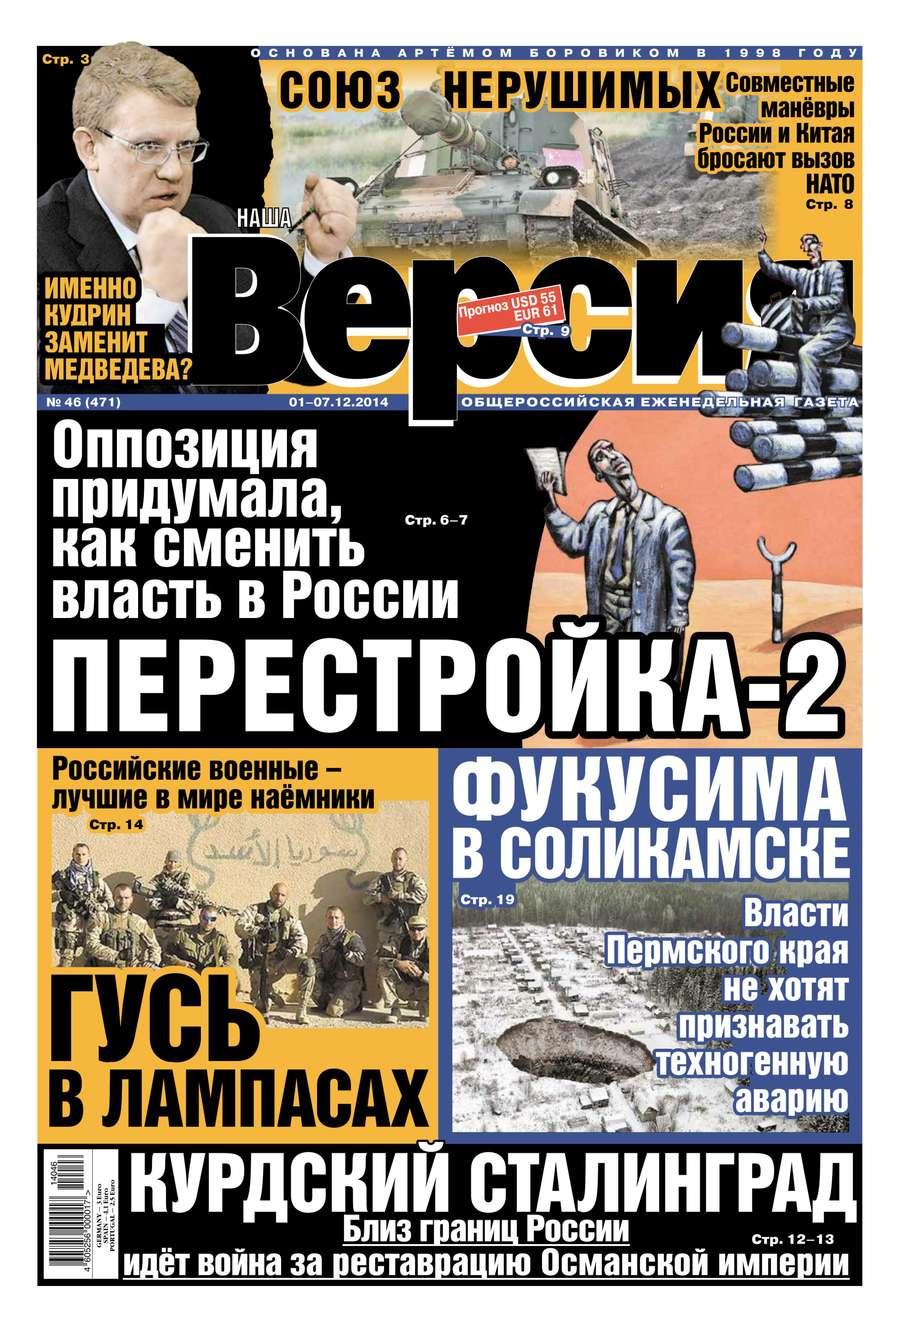 Редакция газеты Наша Версия Наша версия 46-2014 цена